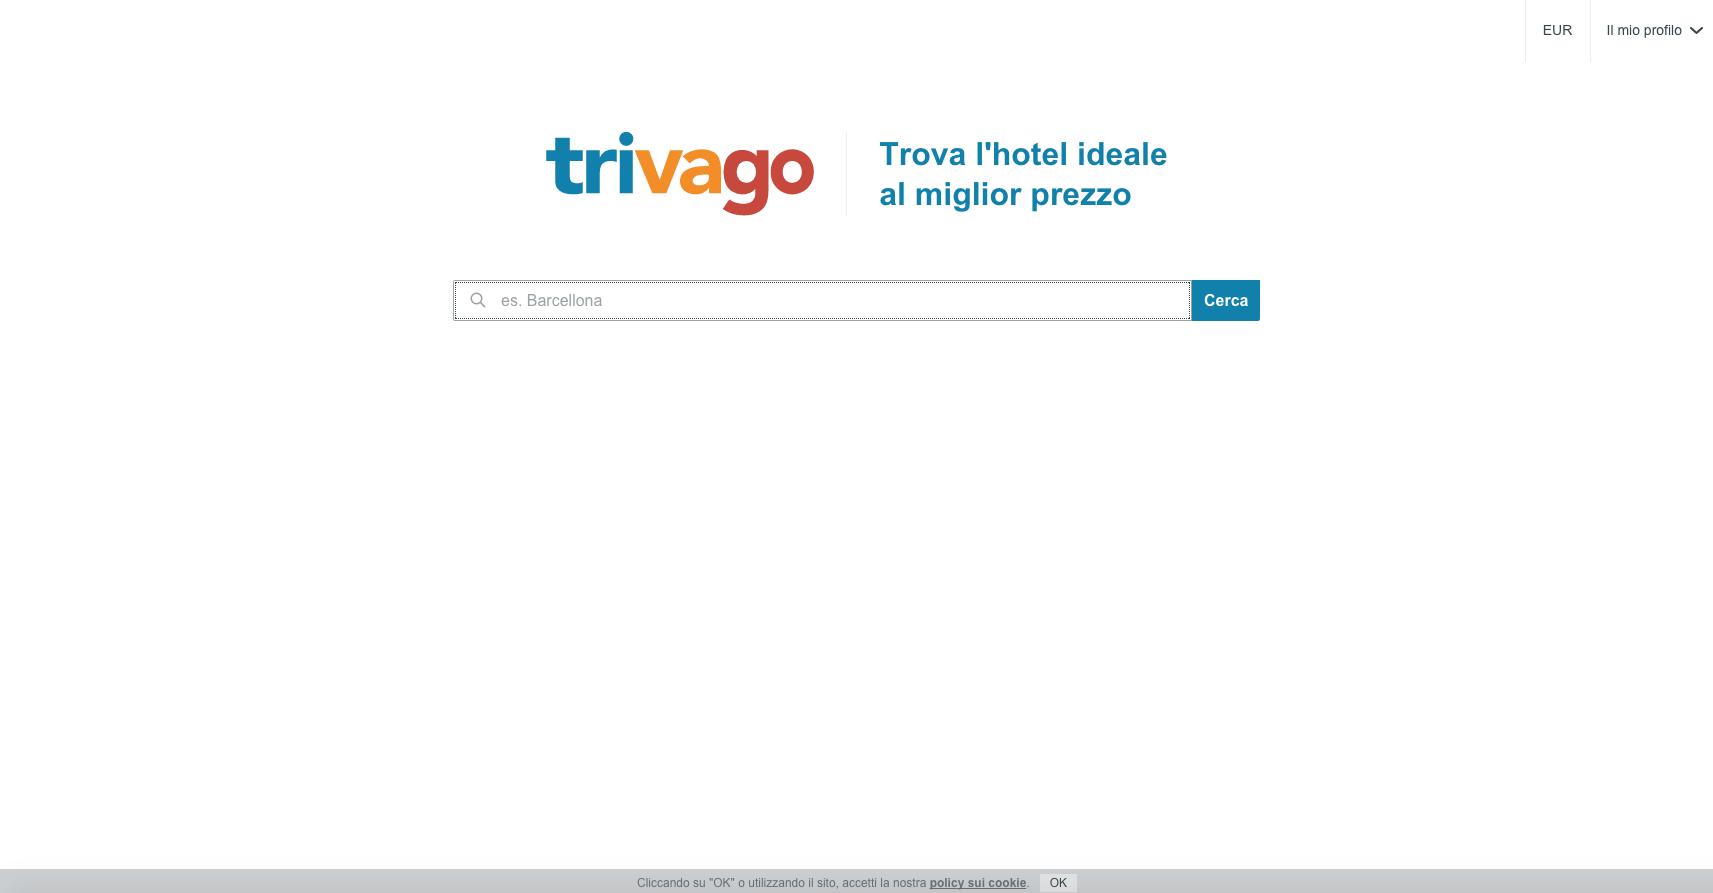 siti web di viaggi: trivago